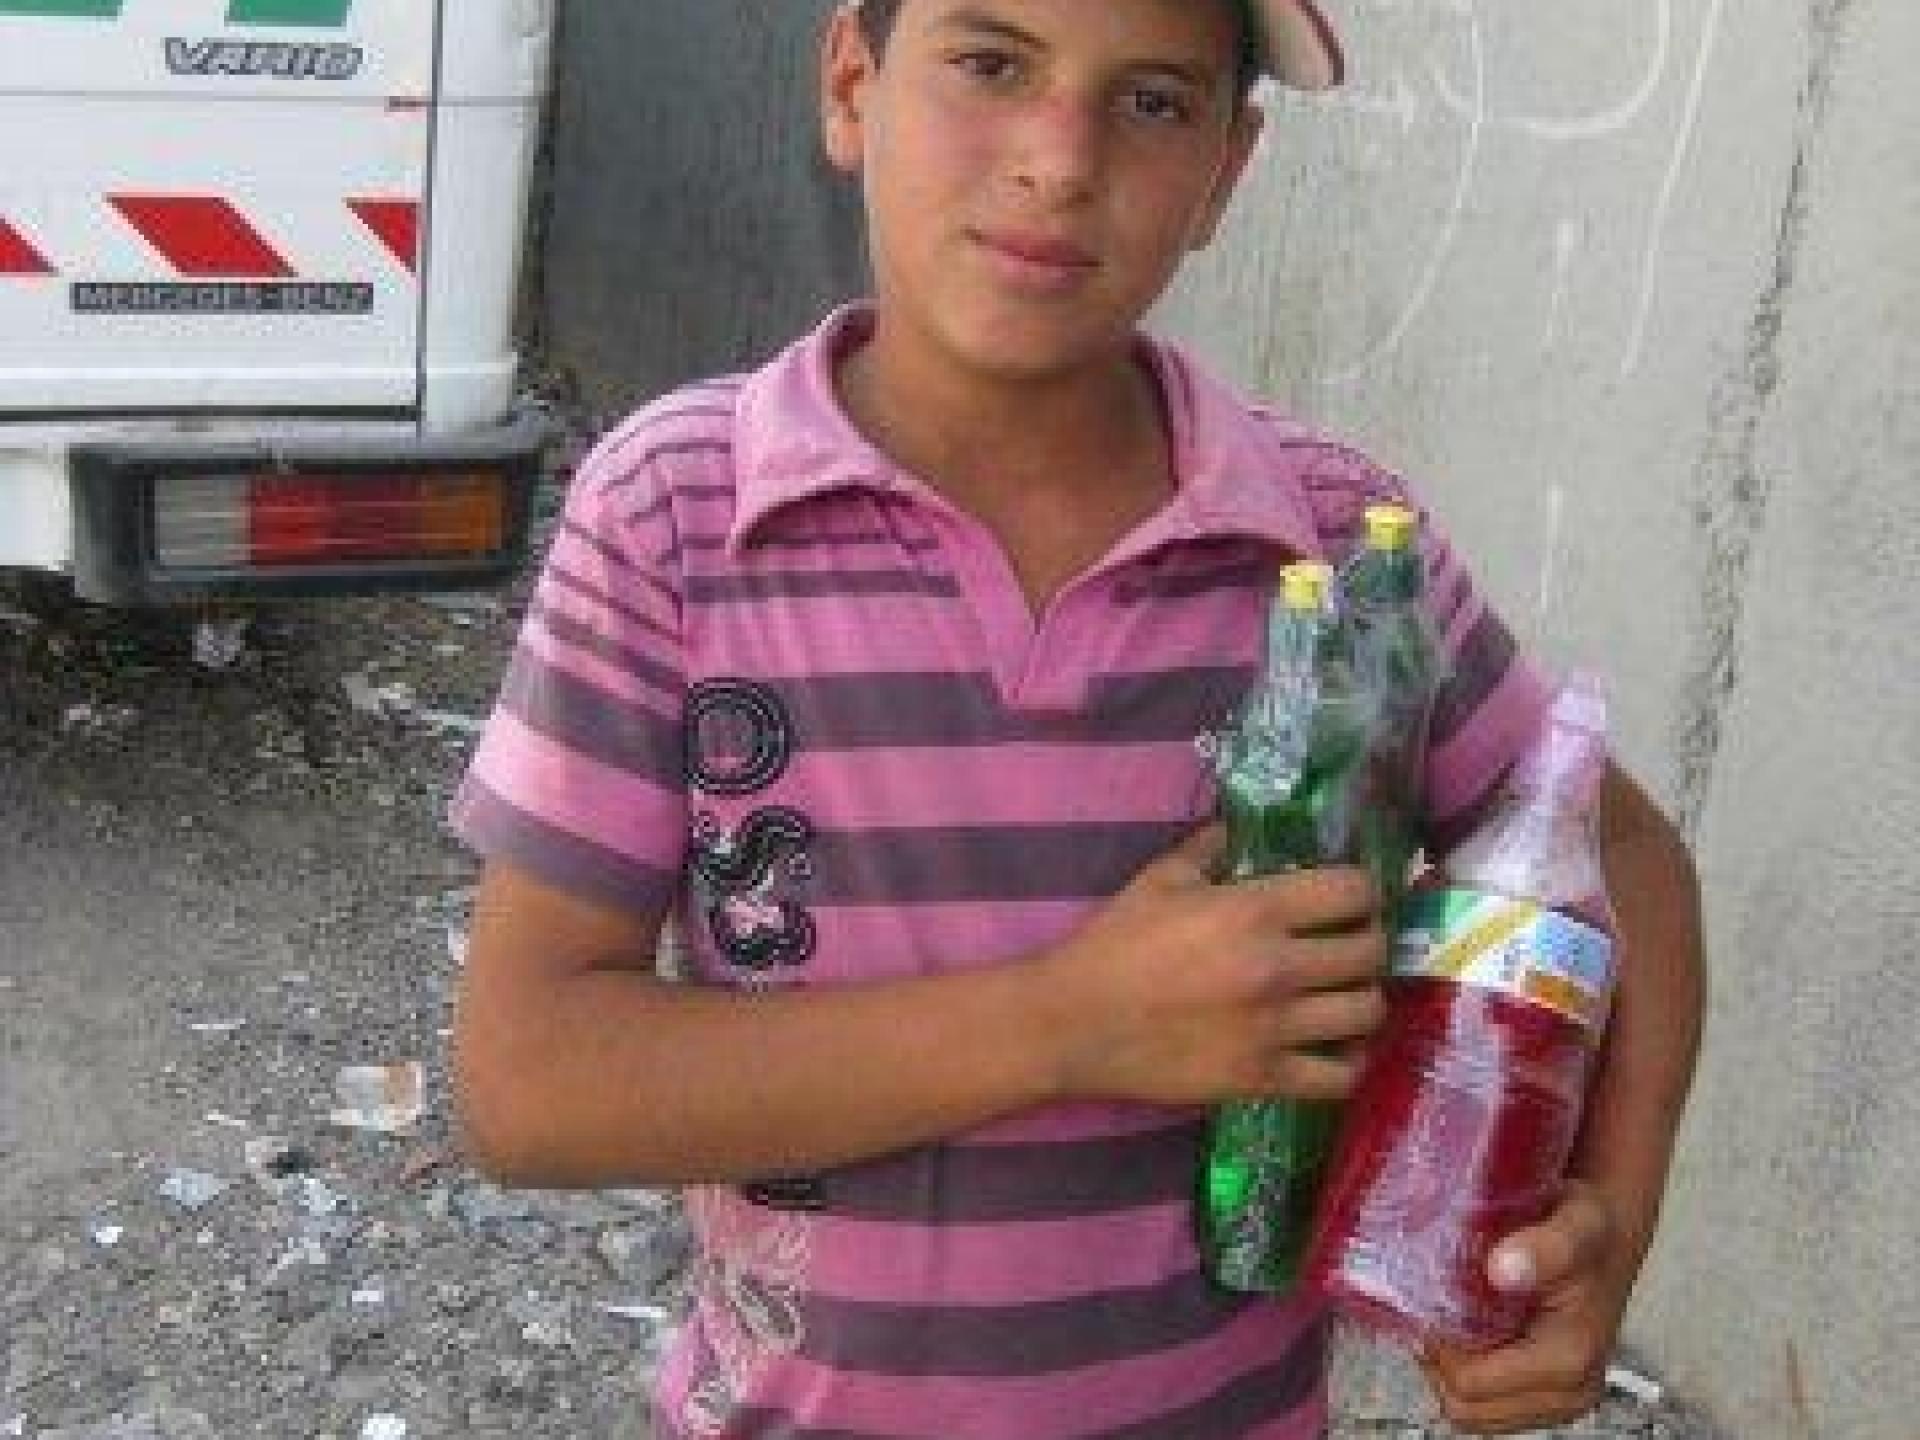 Sharif No Longer Attends School 2-10-2011